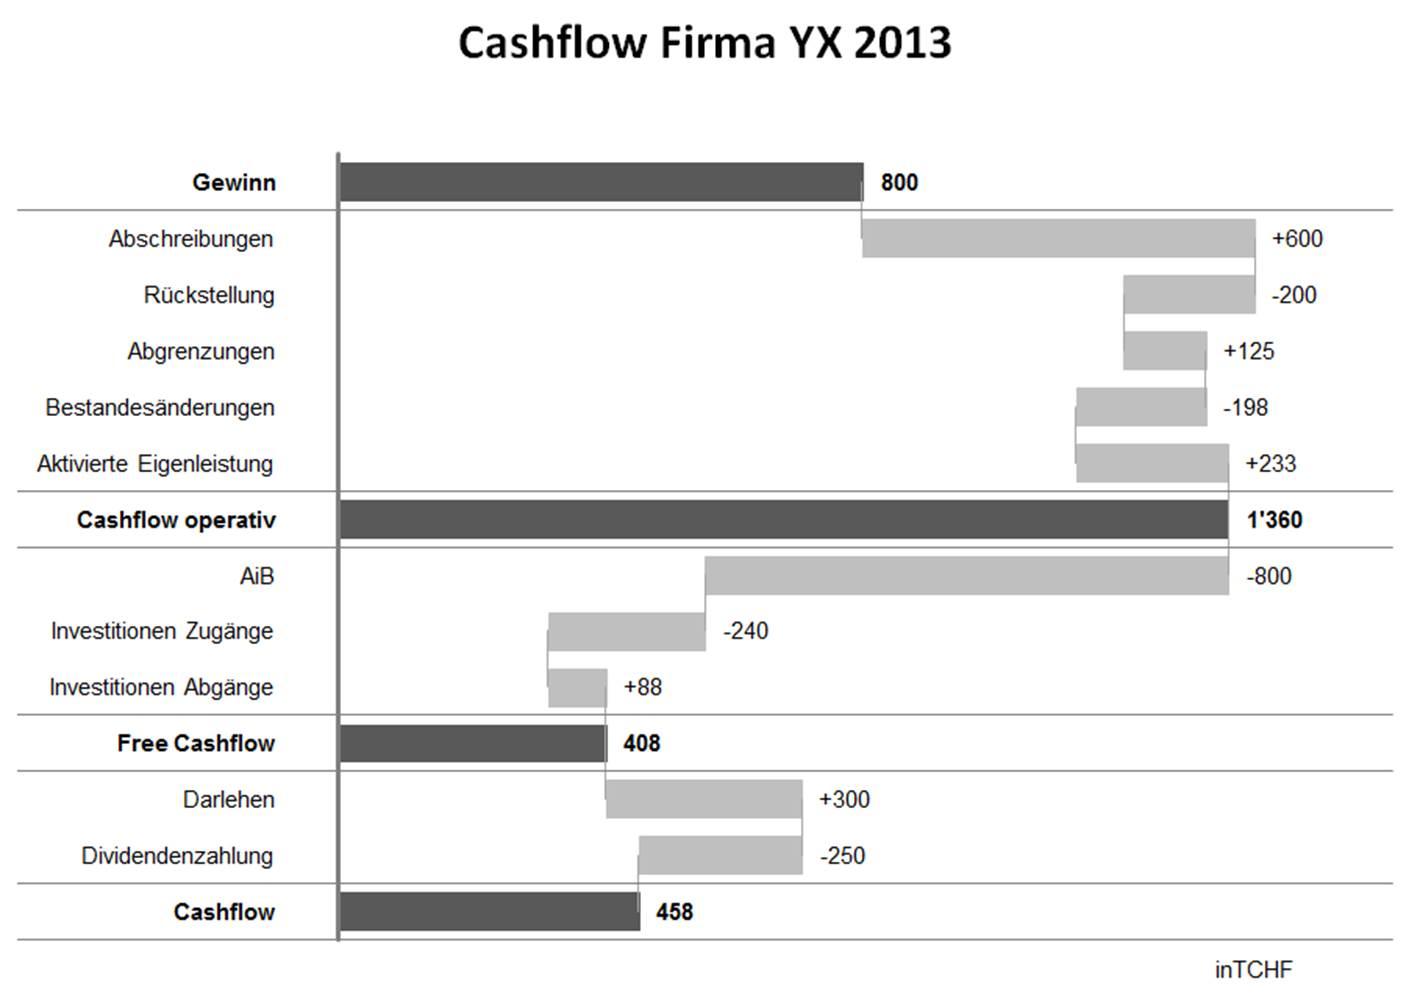 cashflow herold gmbh excel und controlling dienstleistungen. Black Bedroom Furniture Sets. Home Design Ideas